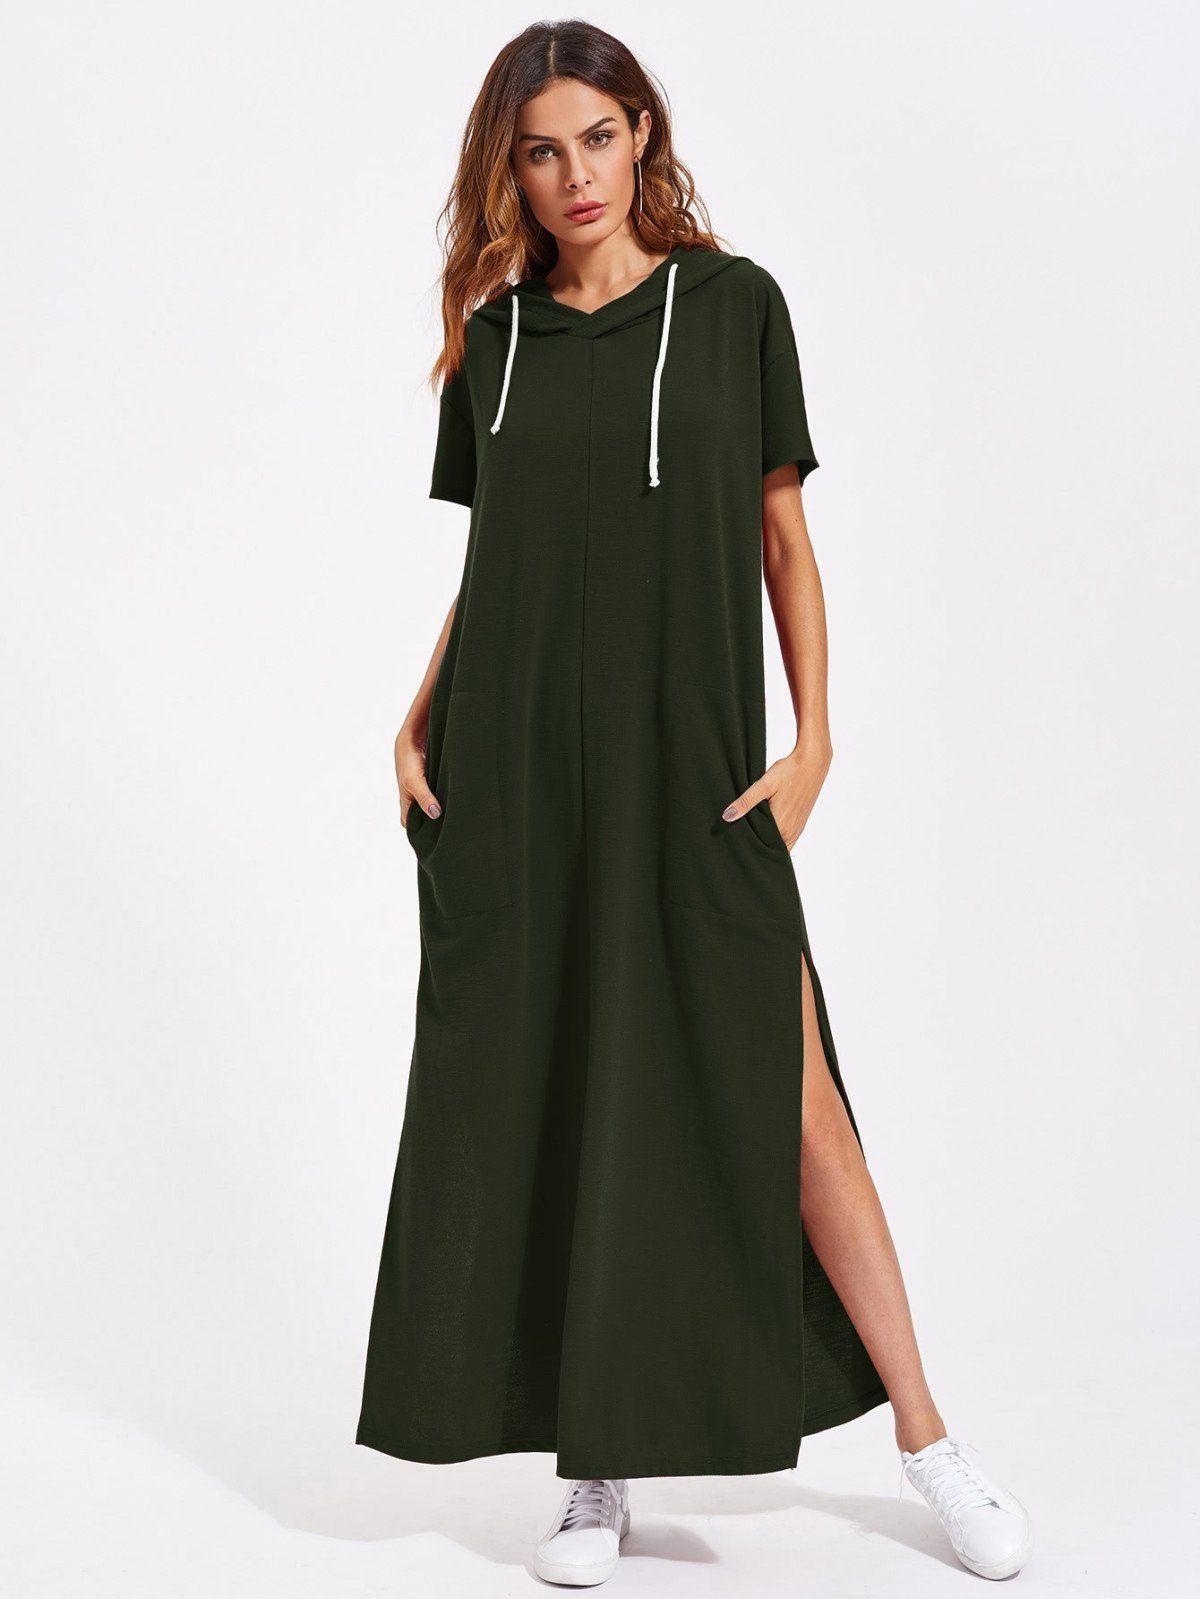 Drop shoulder slit side hooded dress think print fashion